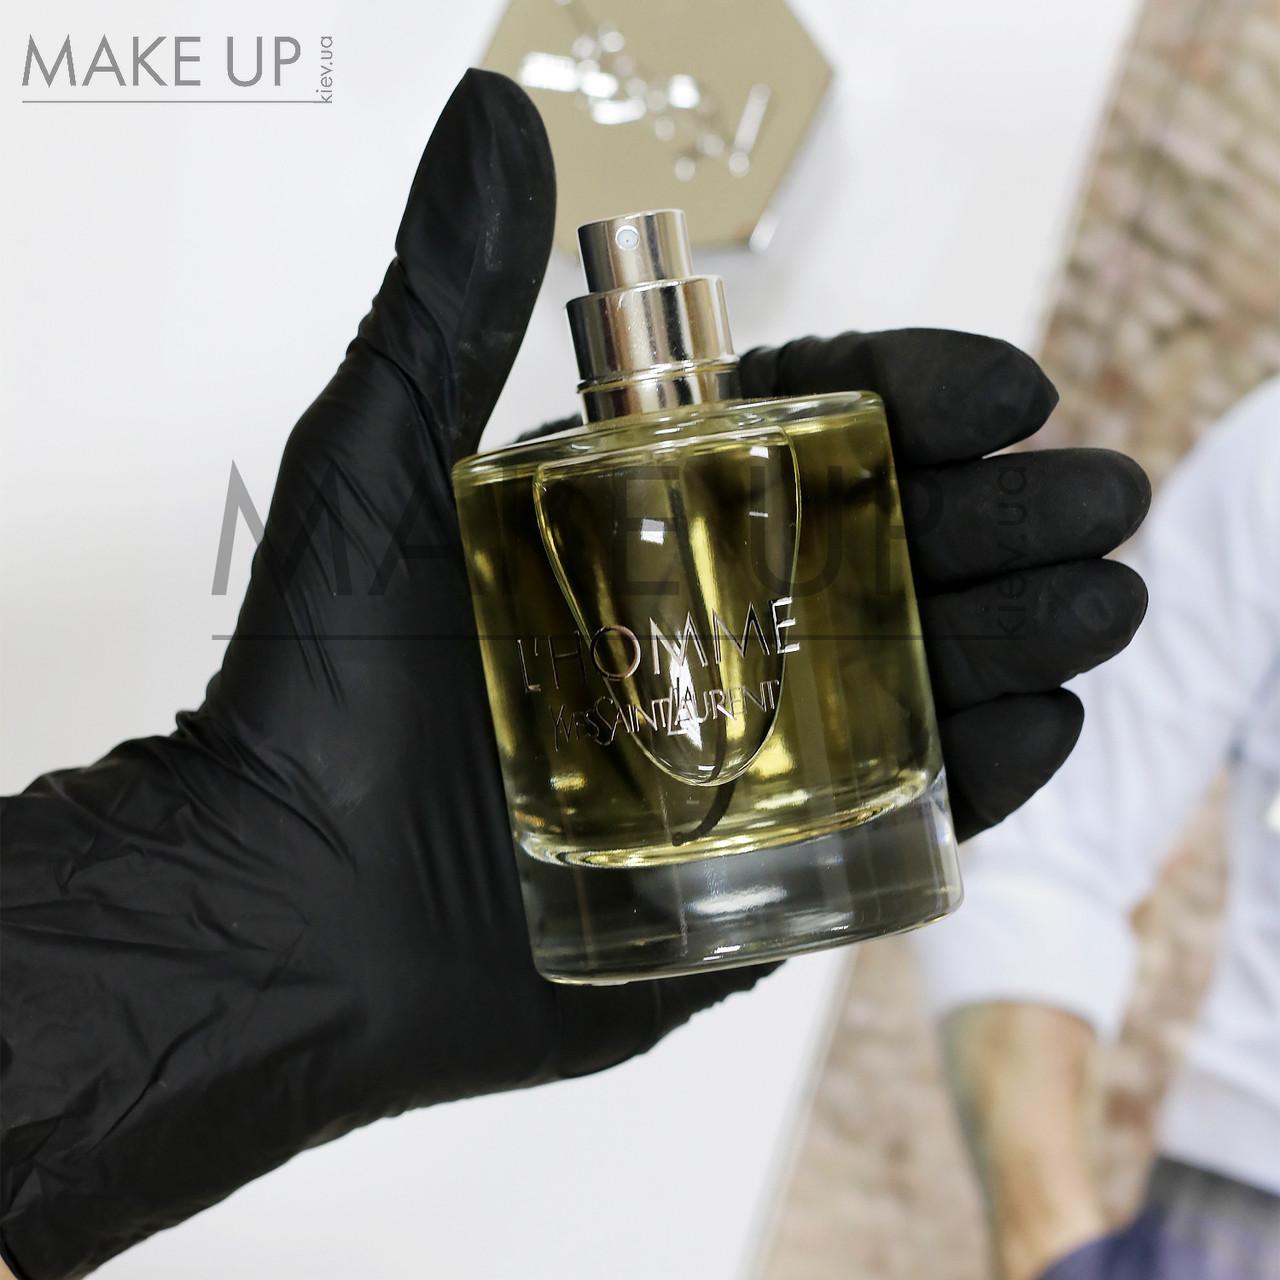 Tester мужская туалетная вода Yves Saint Laurent L`Homme EDT 100 мл. | Лиц. ОАЭ Тестер